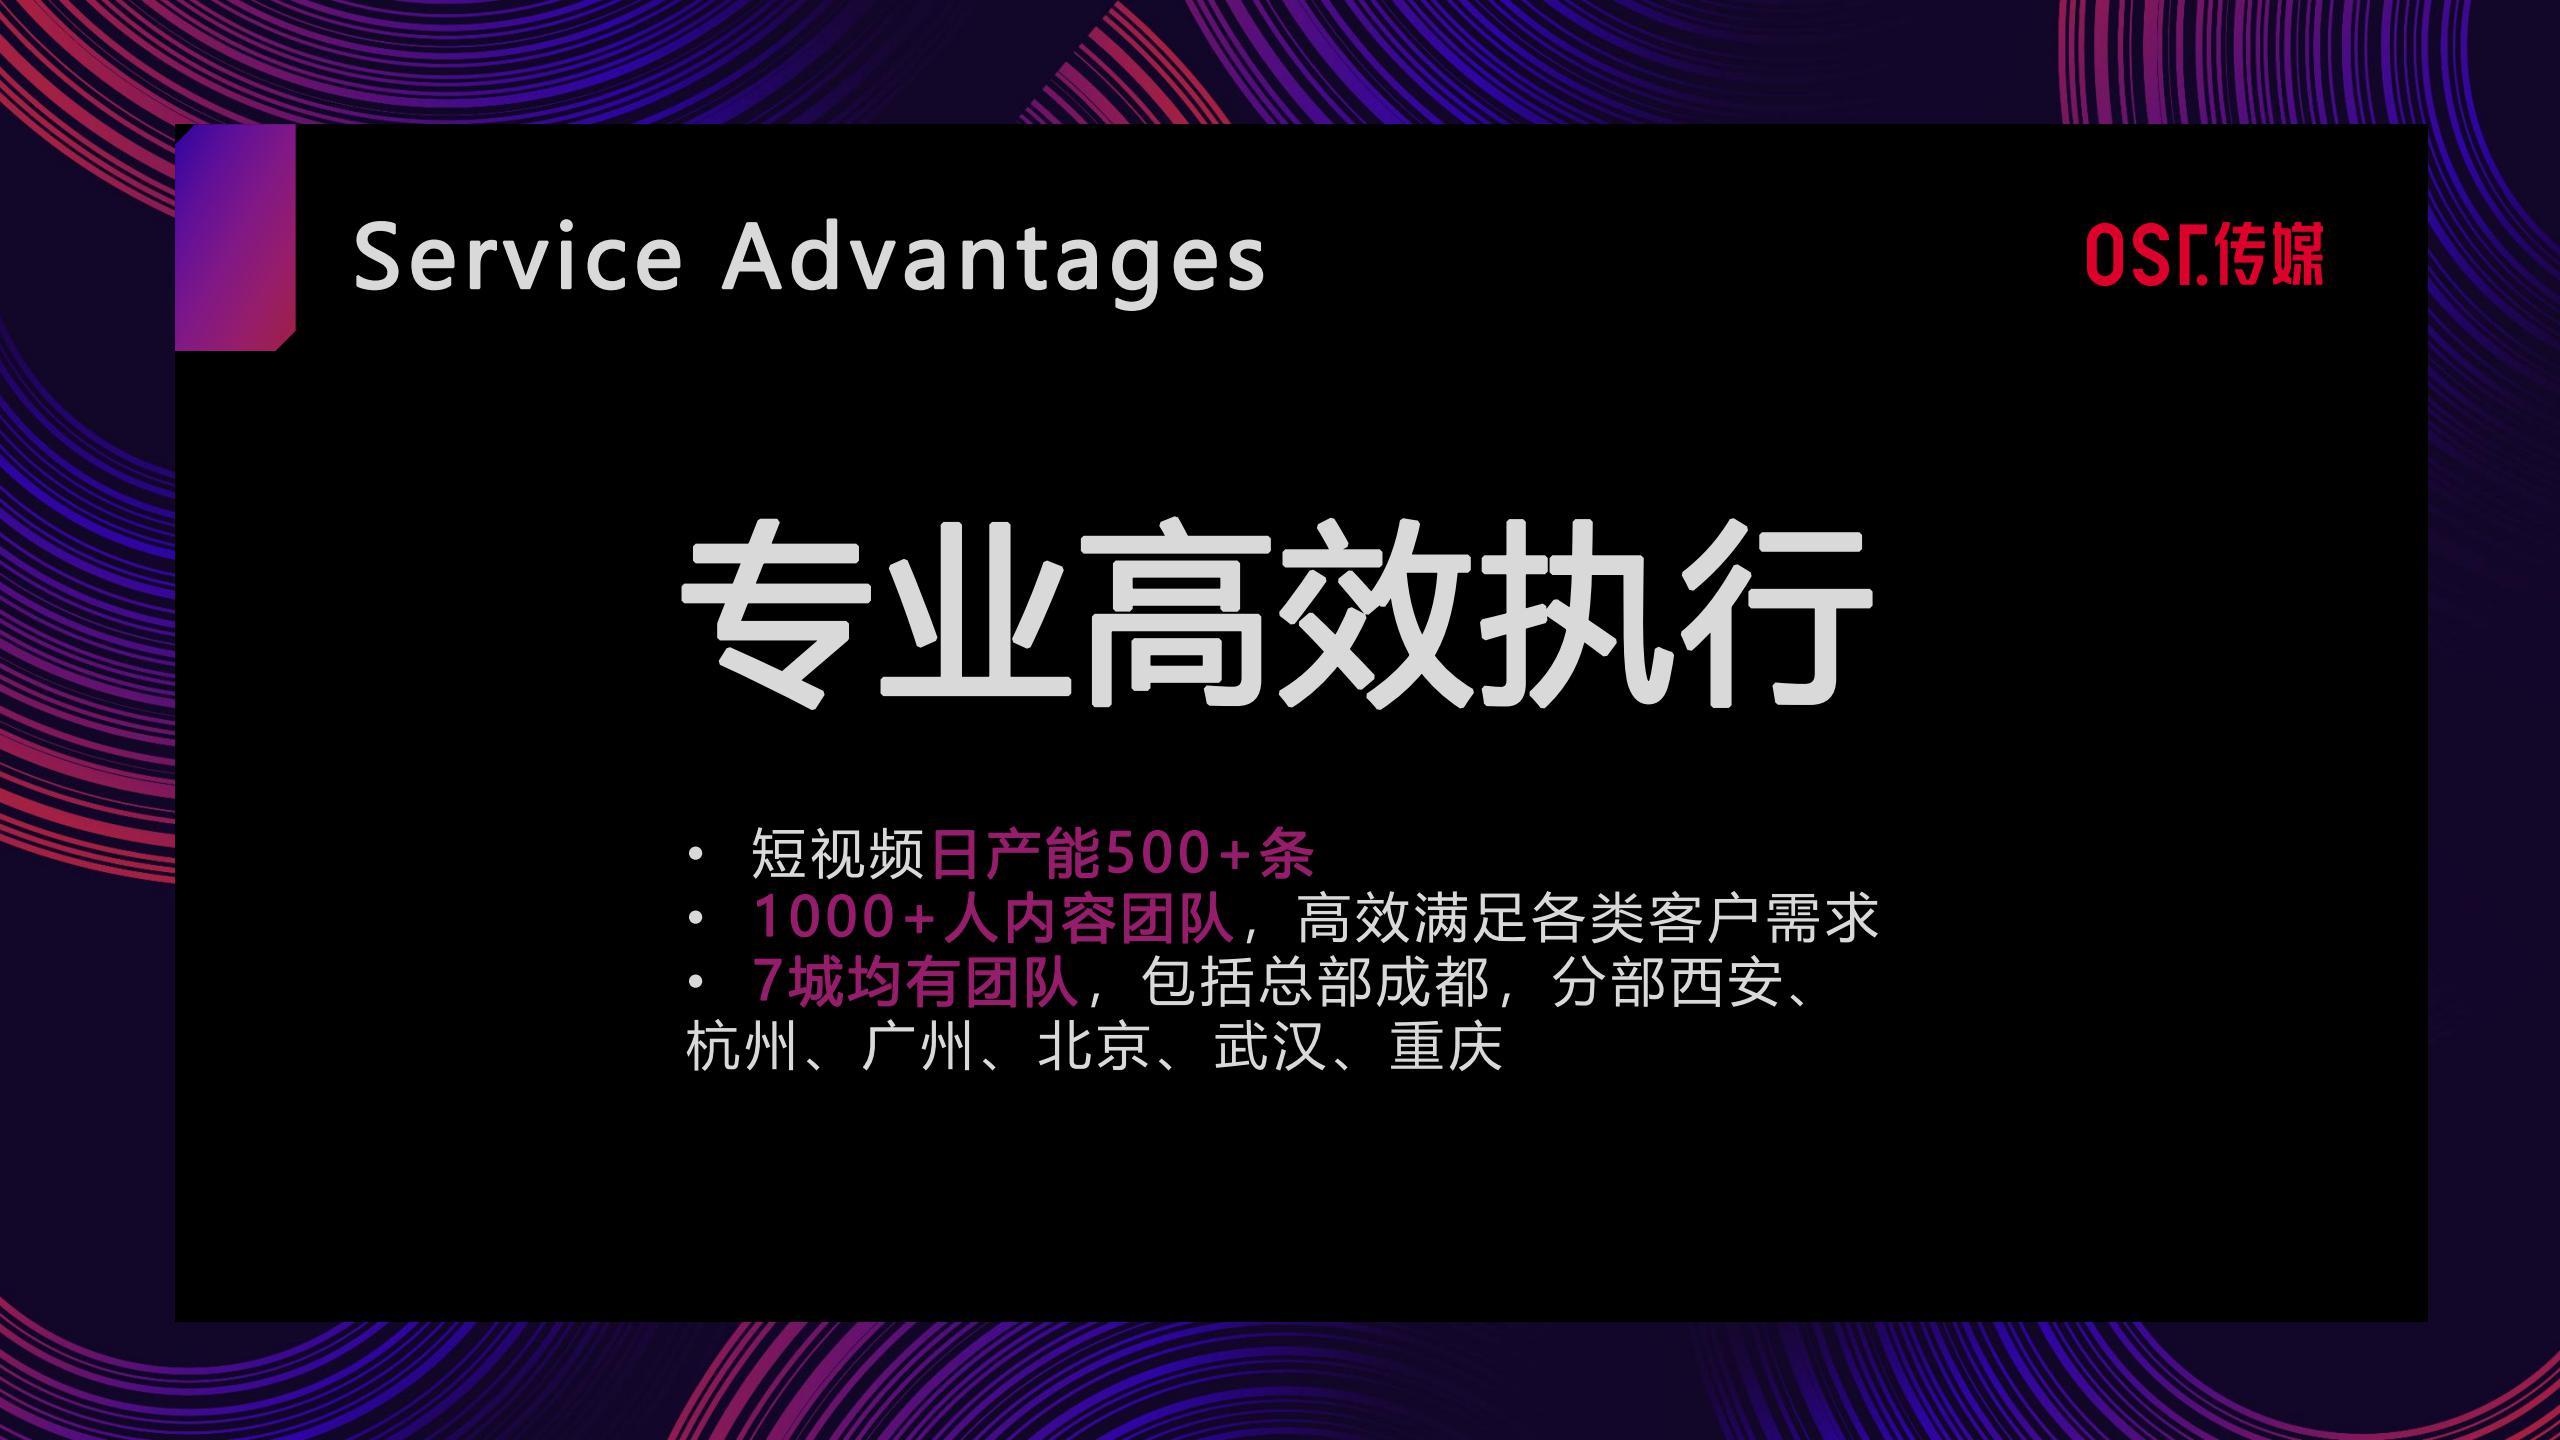 OST传媒短视频服务介绍第16张